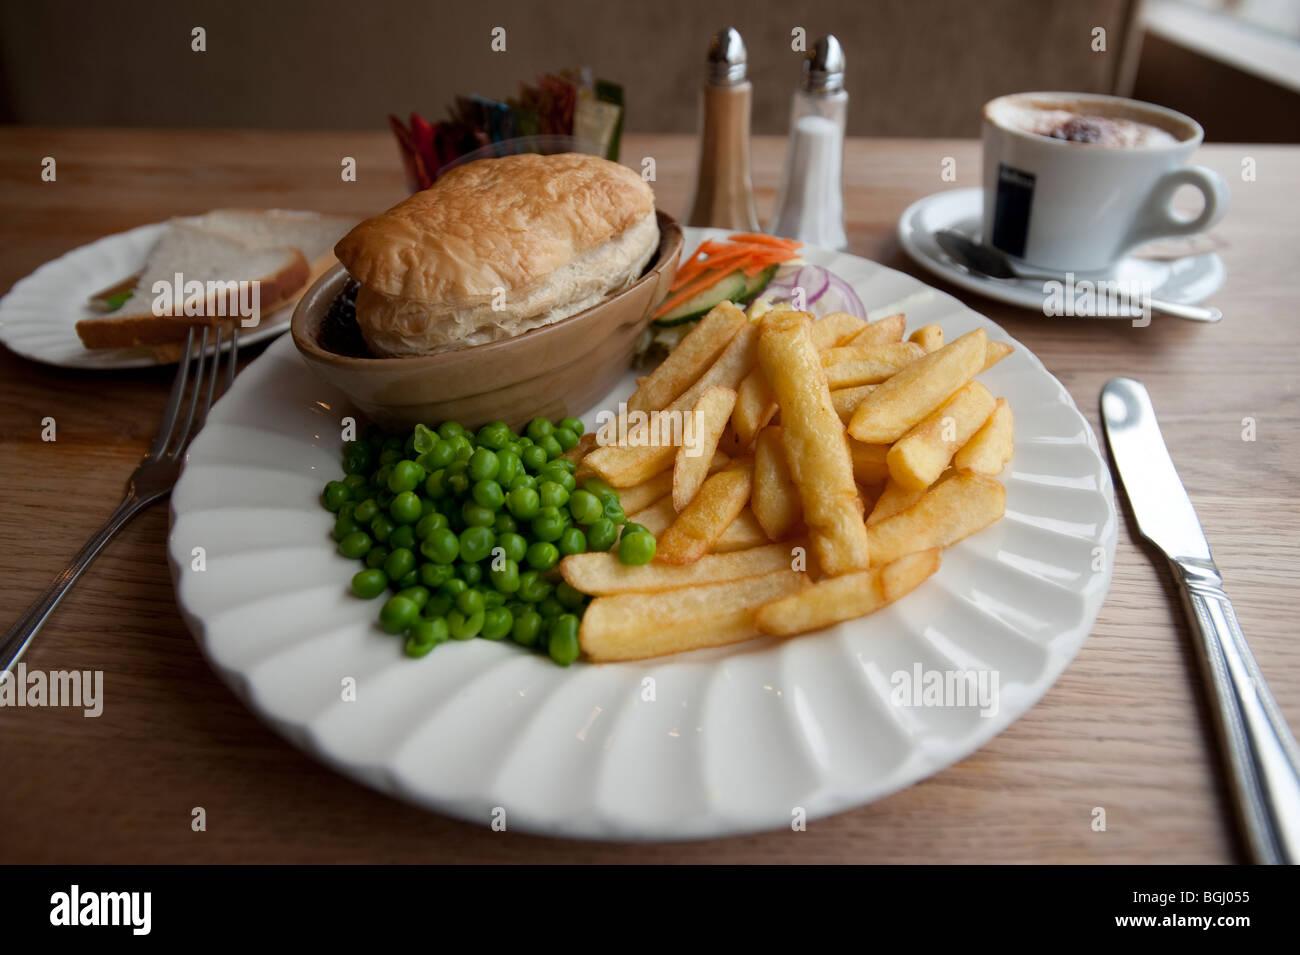 La bistecca e il rene torta a base di carne in chip e piselli su piastra in cafe REGNO UNITO Immagini Stock